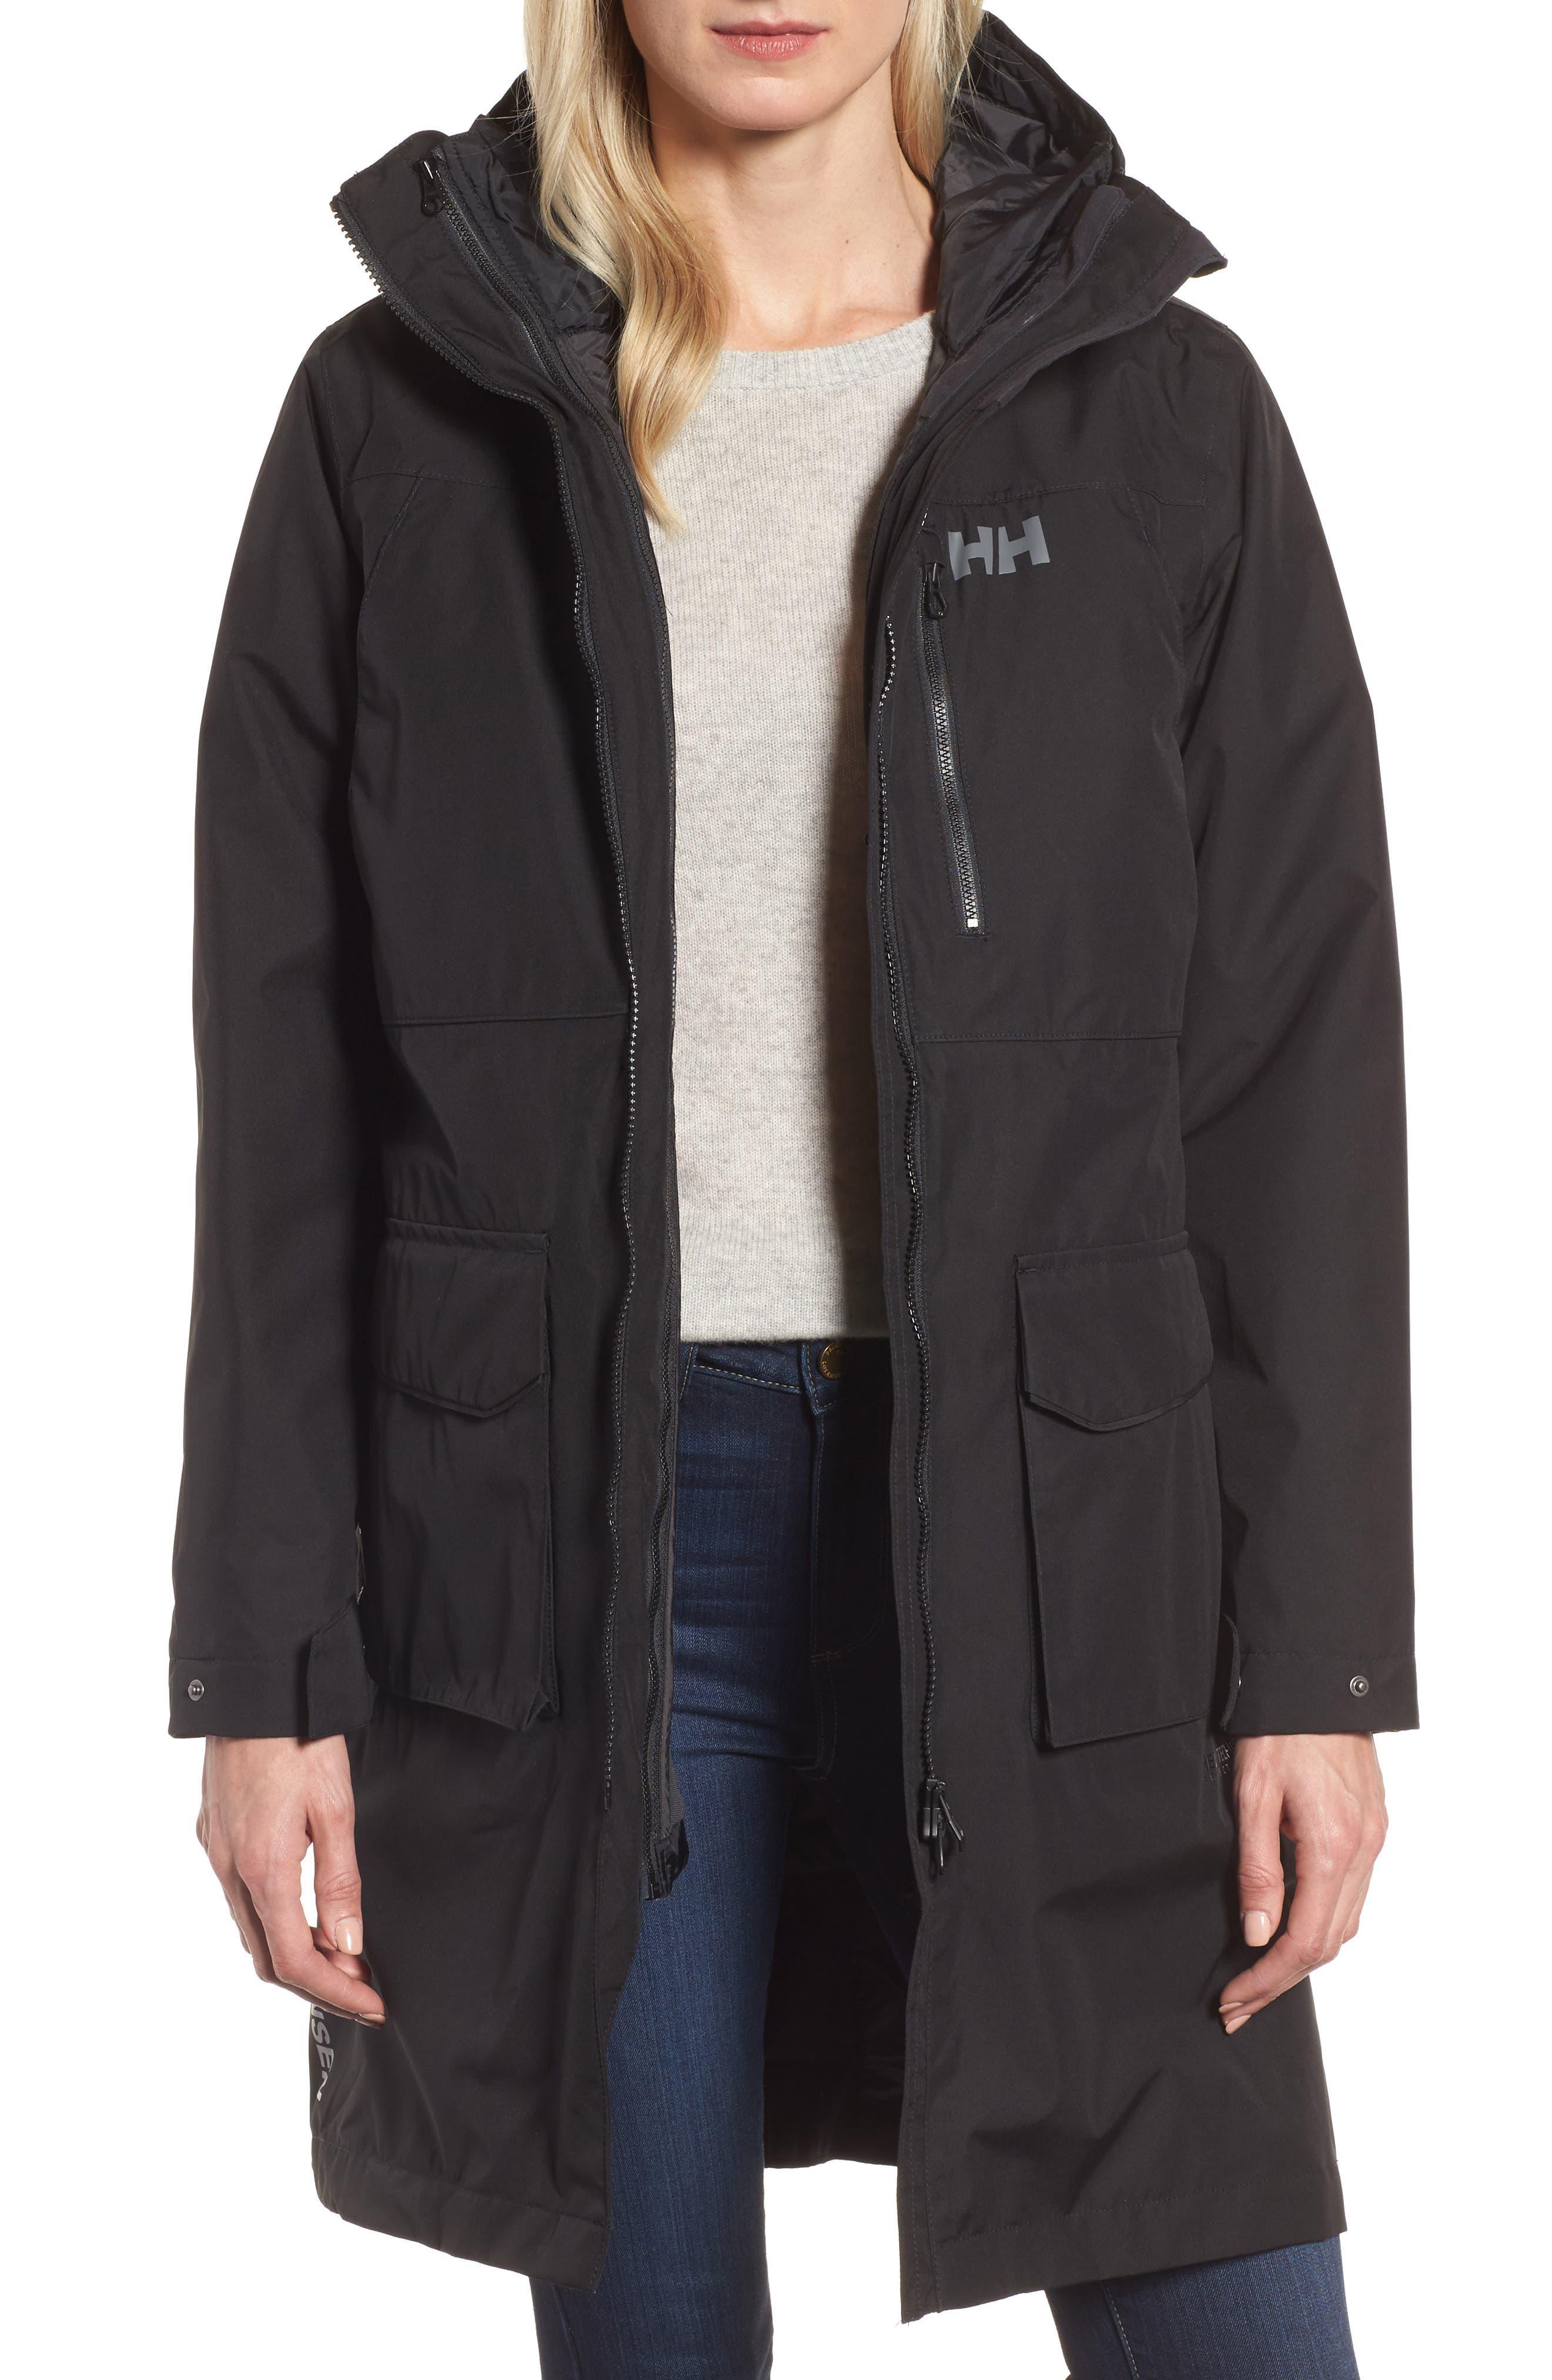 Rigging Waterproof 3-in-1 Raincoat,                             Main thumbnail 1, color,                             Para Black